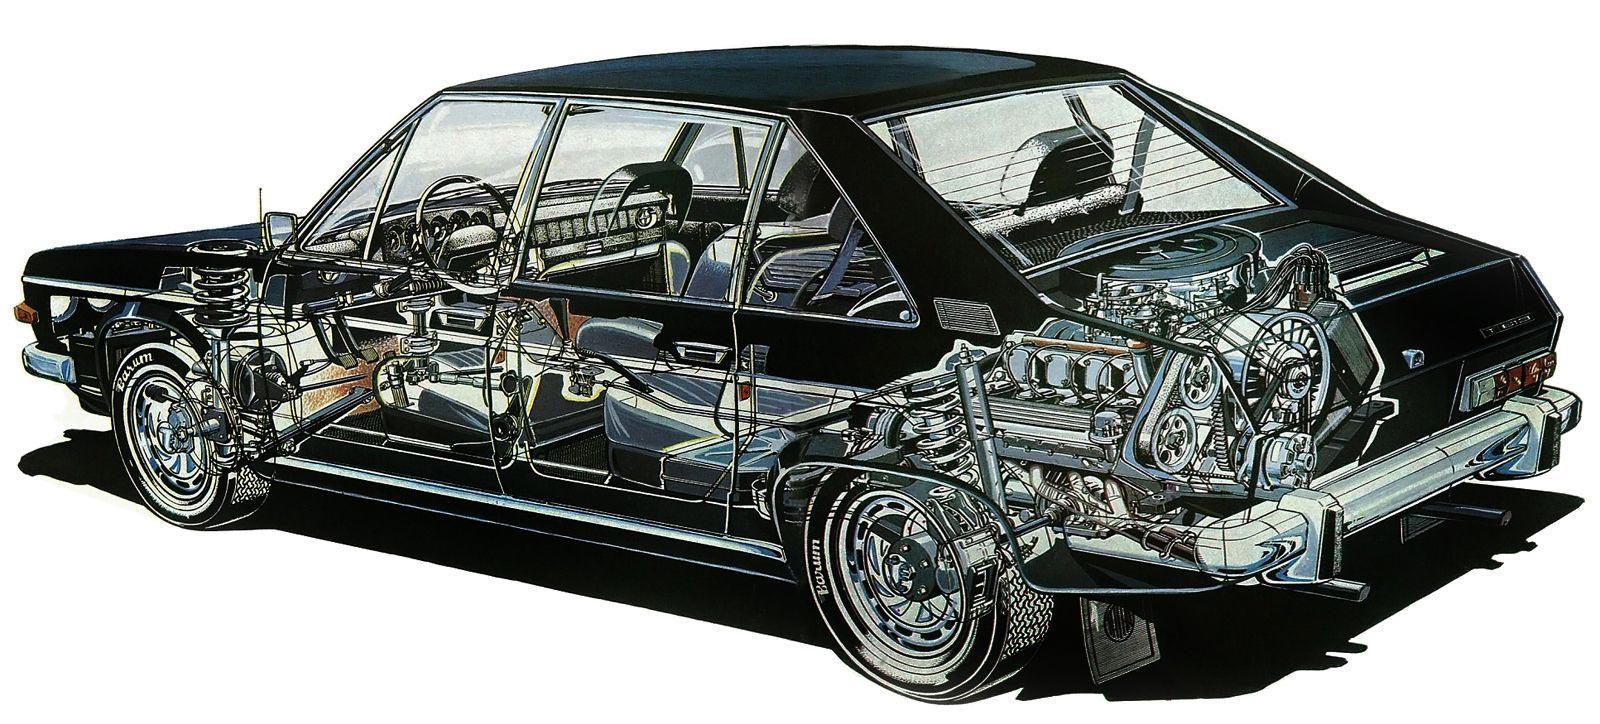 Tatra 613 cutaway drawing